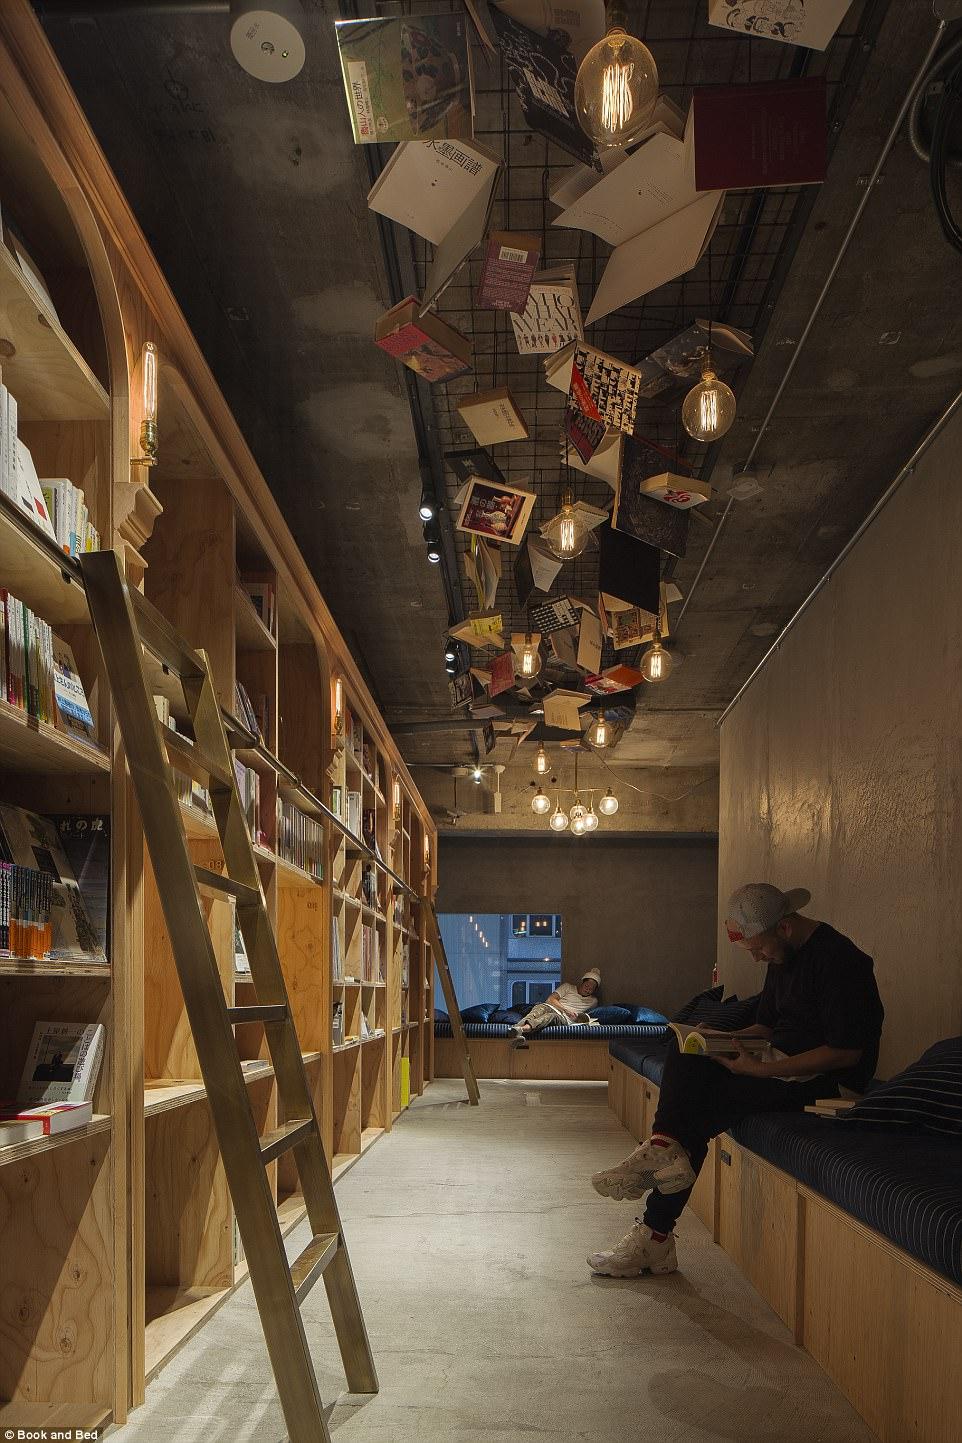 book-and-bed-hotel-i-biblioteka-v-edno-3g